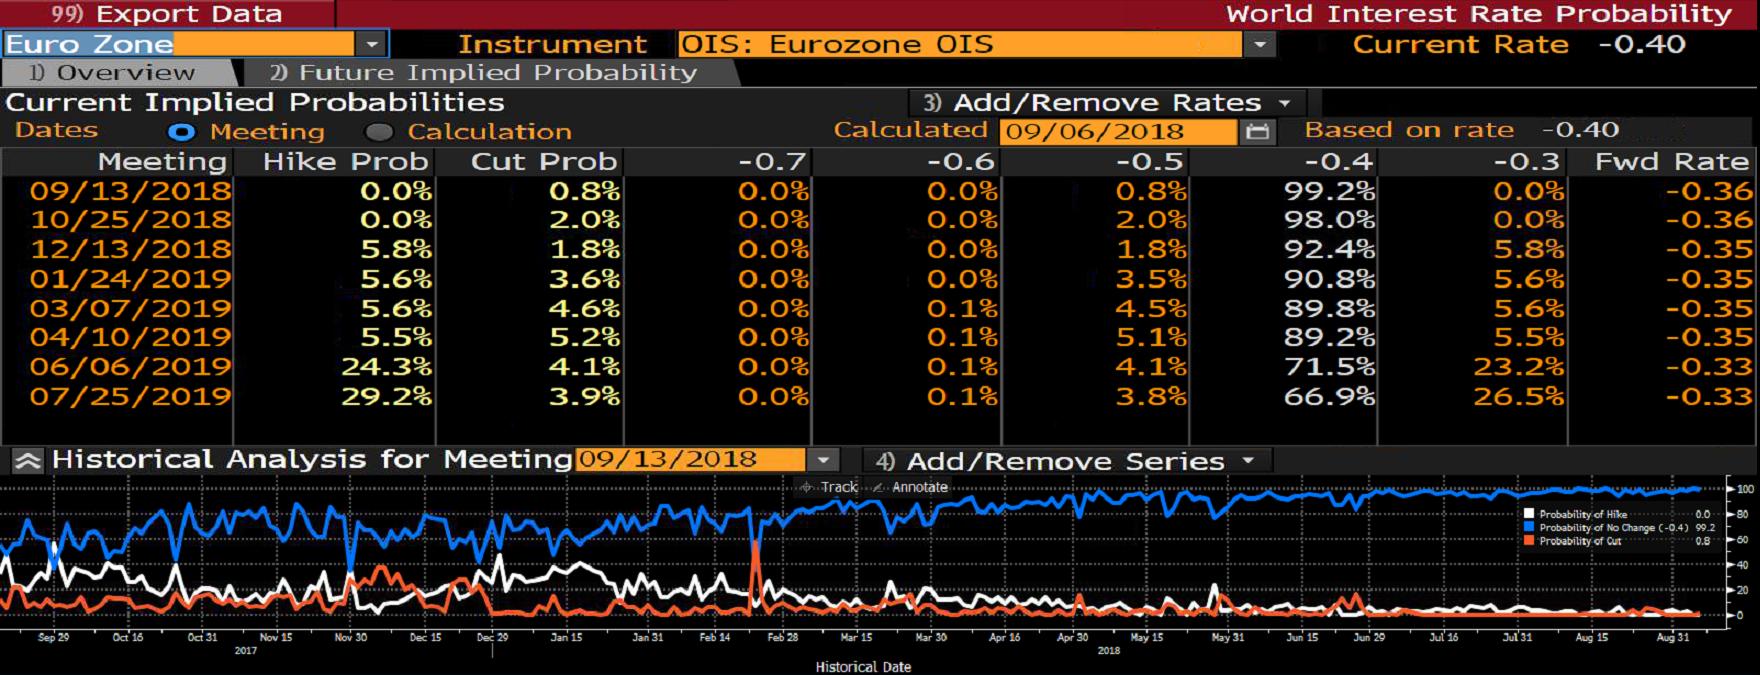 Prawdopodobieństwo podwyżki stóp procentowych w Strefie Euro